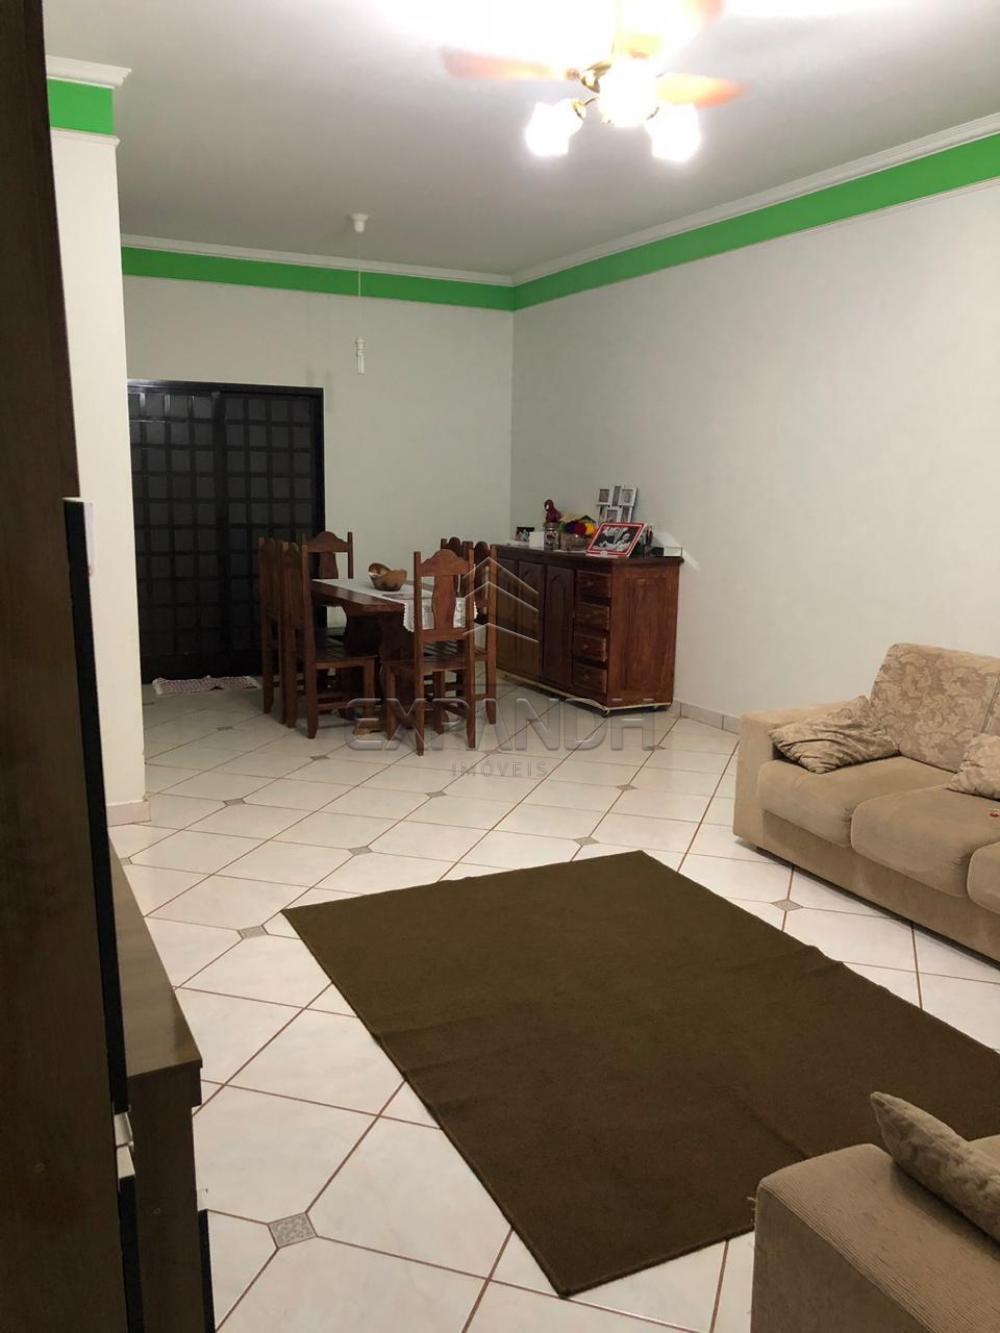 Comprar Casas / Padrão em Sertãozinho apenas R$ 350.000,00 - Foto 2